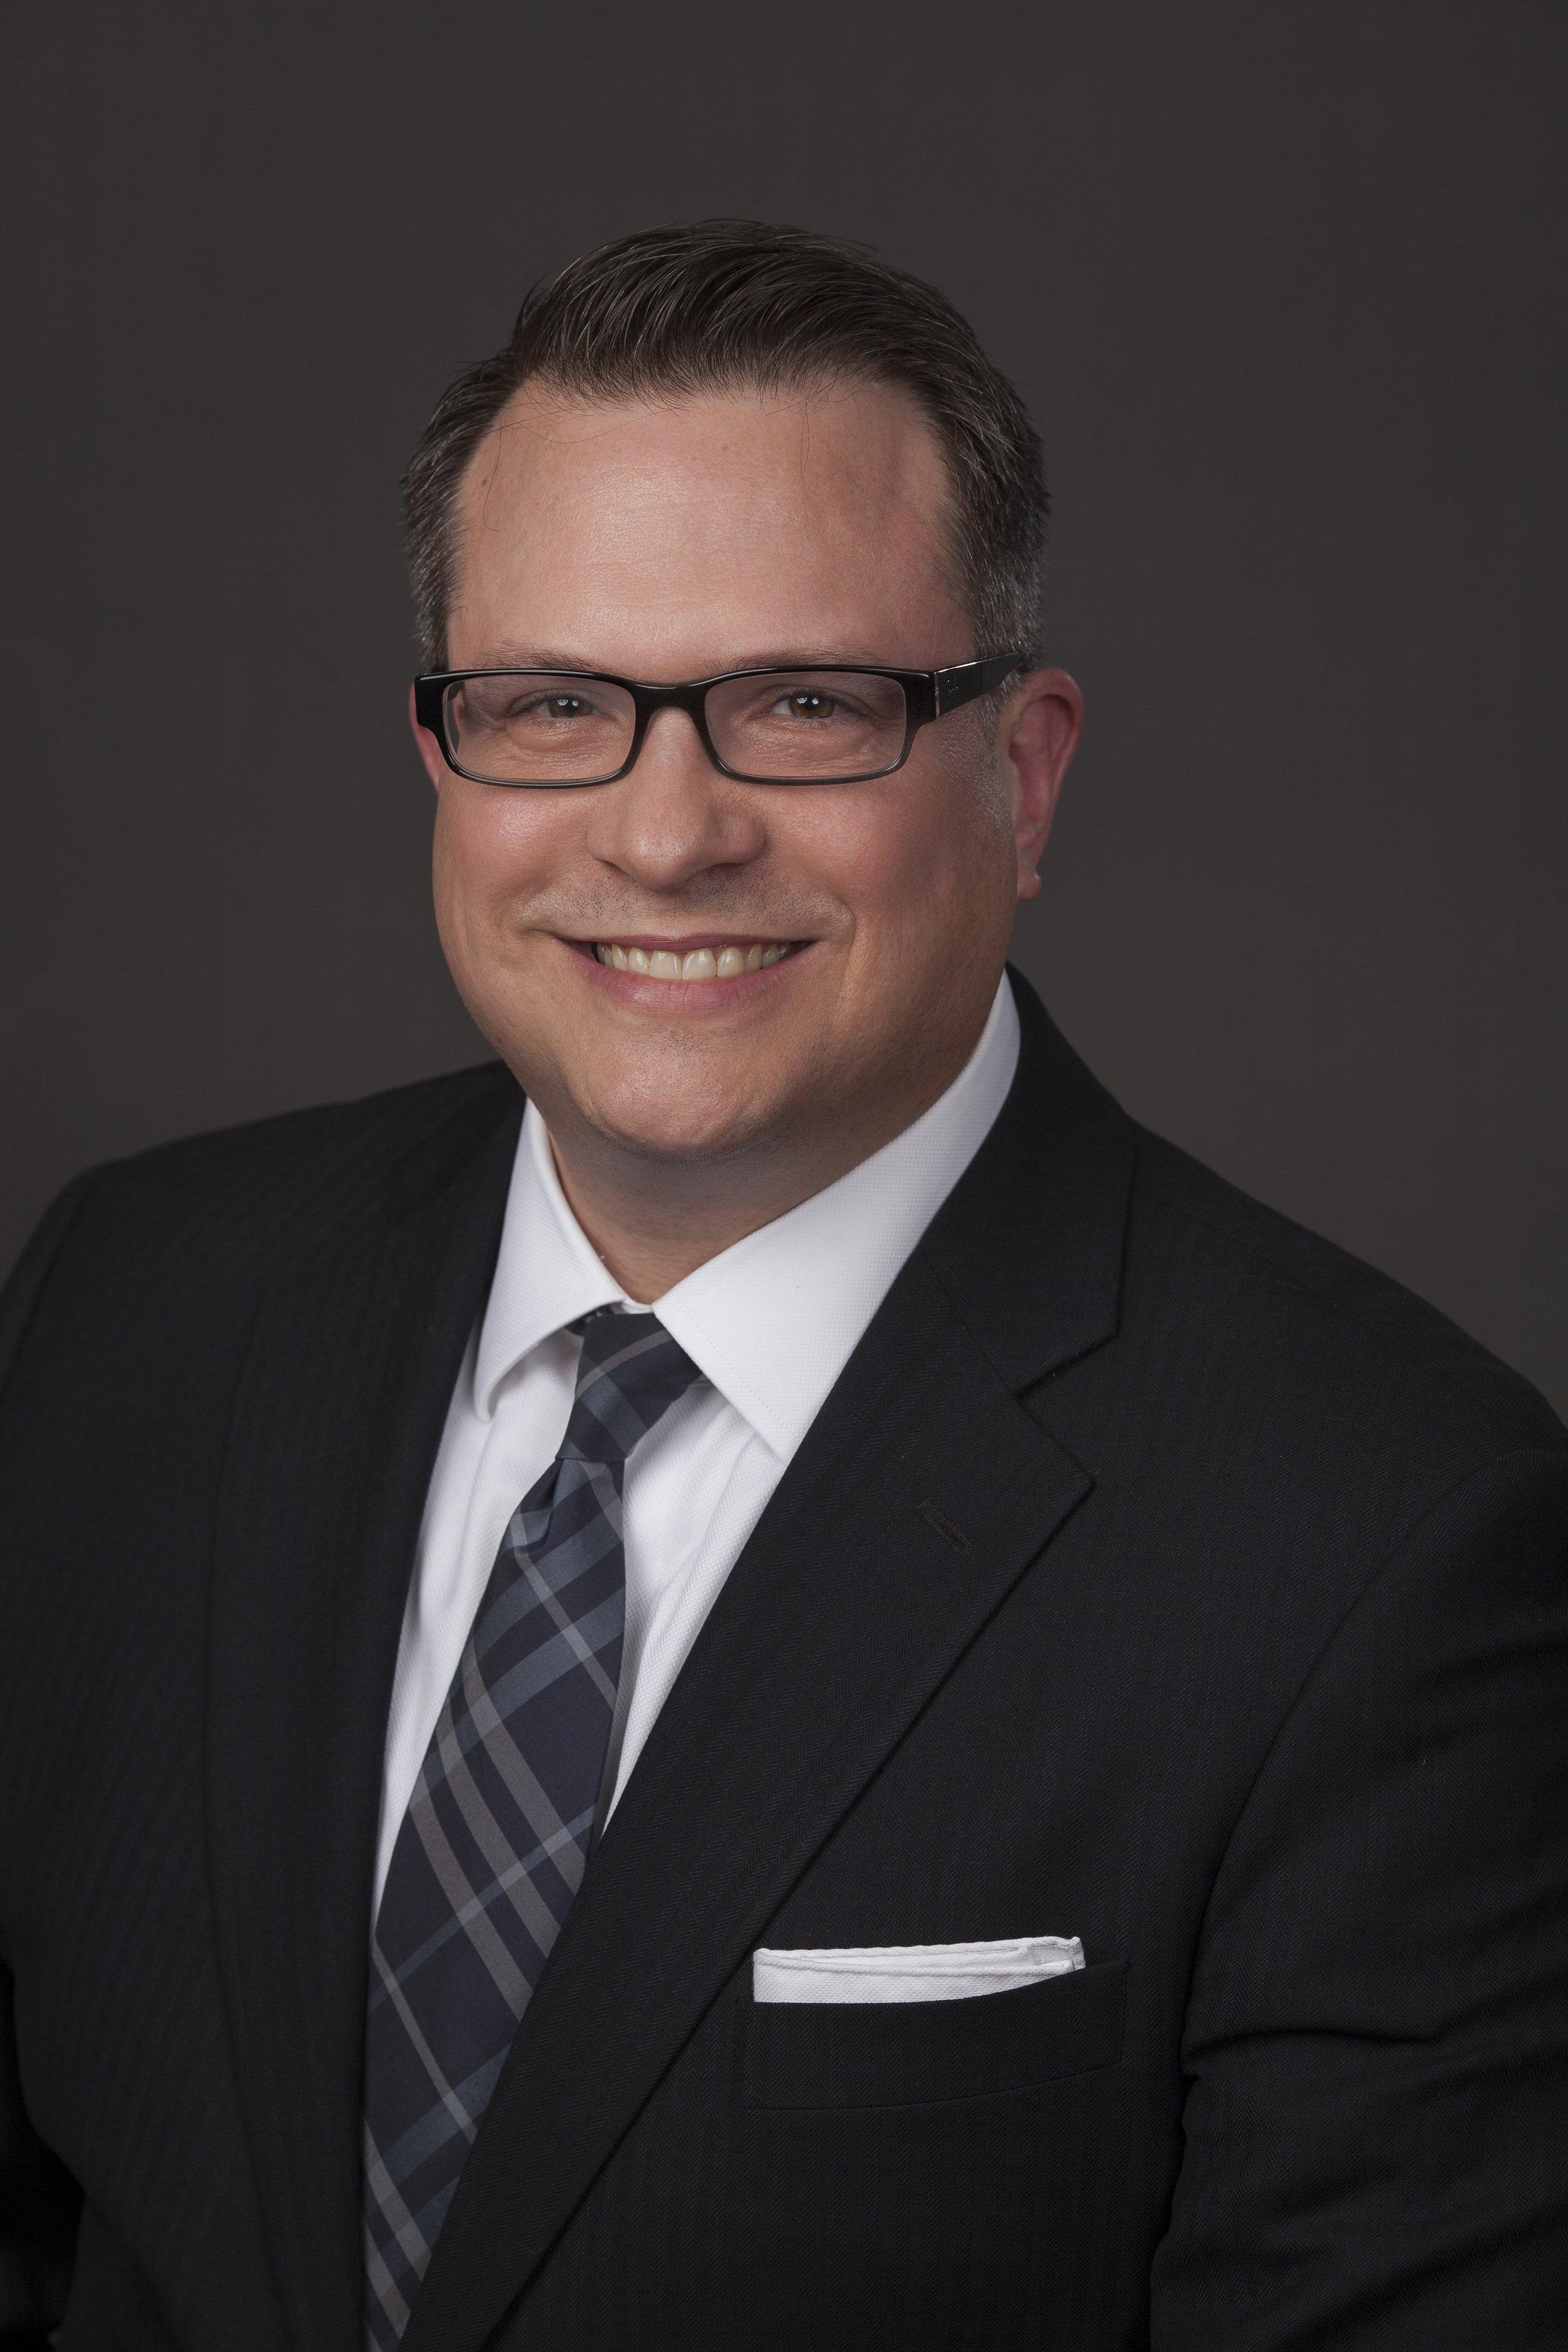 Joseph S. Agnello, Attorney at Law